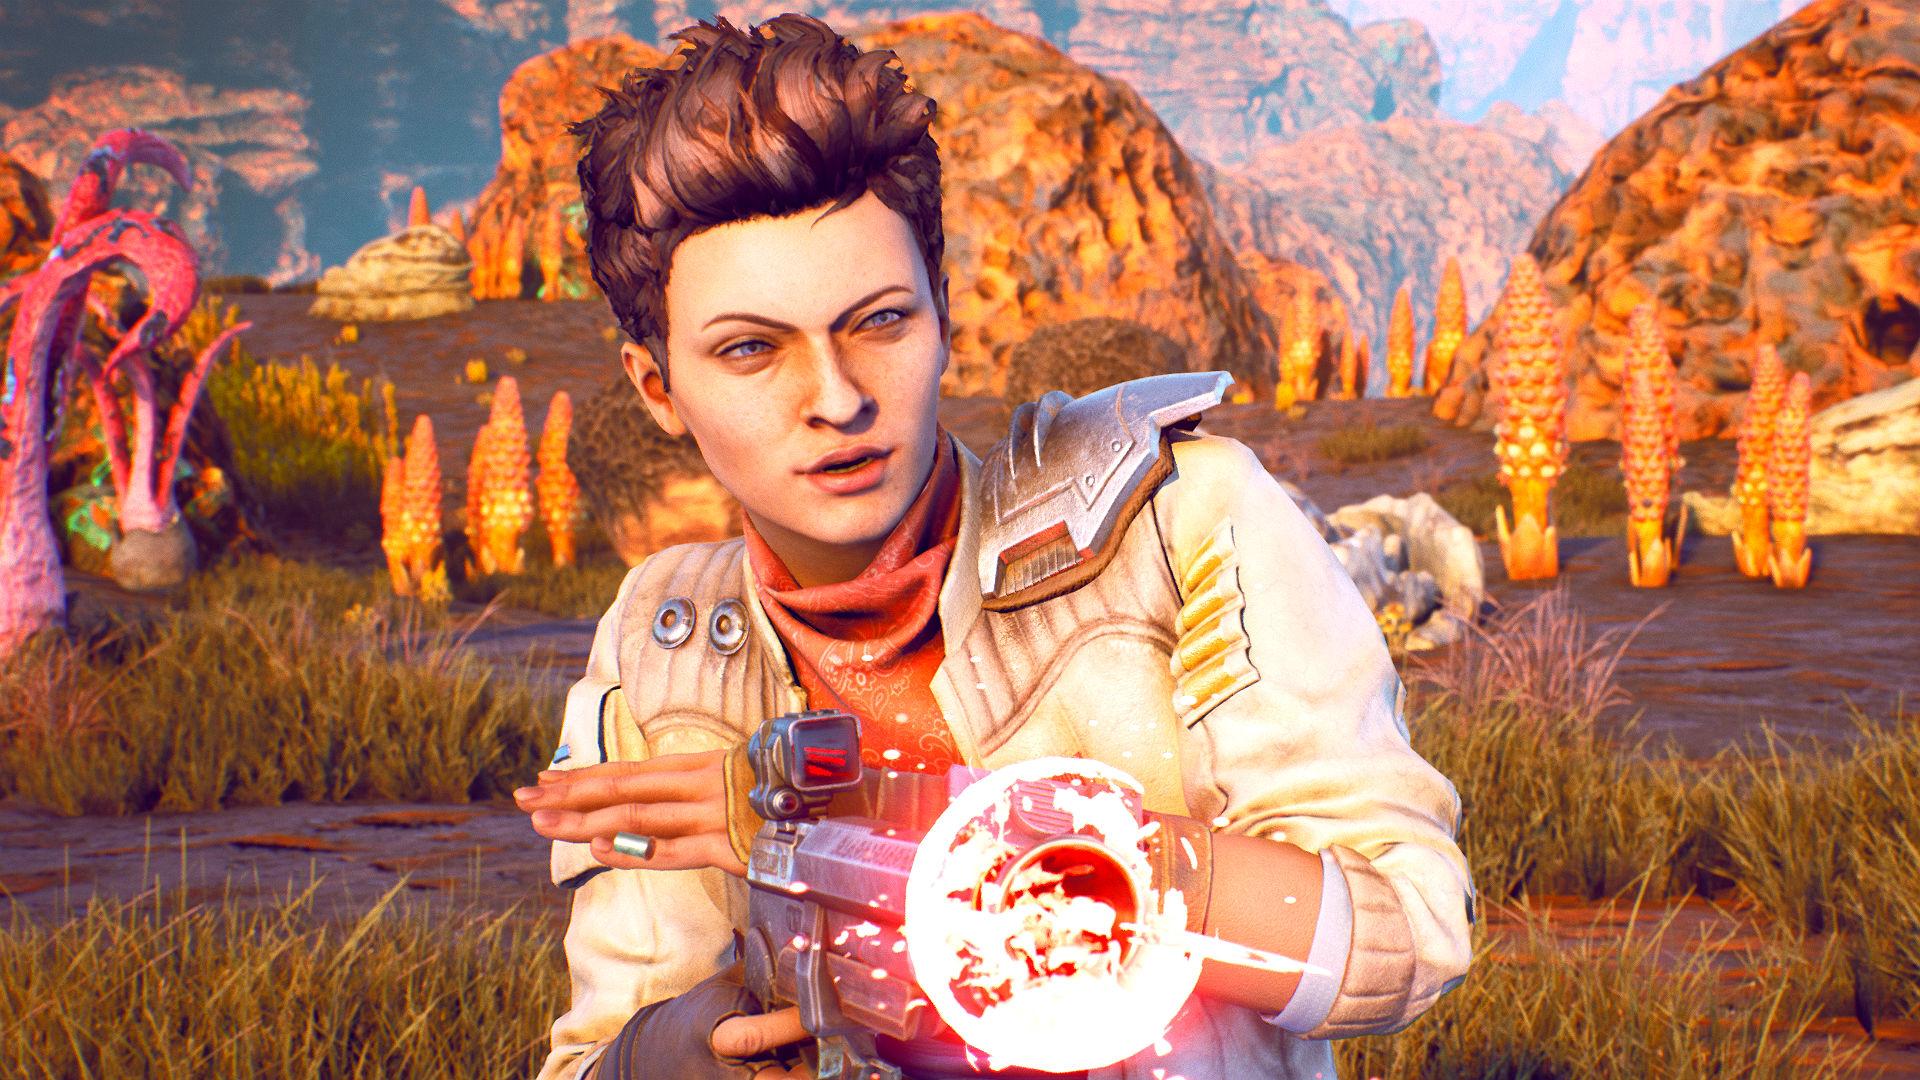 PC est la plate-forme la plus nominée dans le cadre du Best of E3 2019 Game Critic Awards  PC est la plate-forme la plus nominée dans le cadre du Best of E3 2019 Game Critic Awards the outer worlds builds guide best